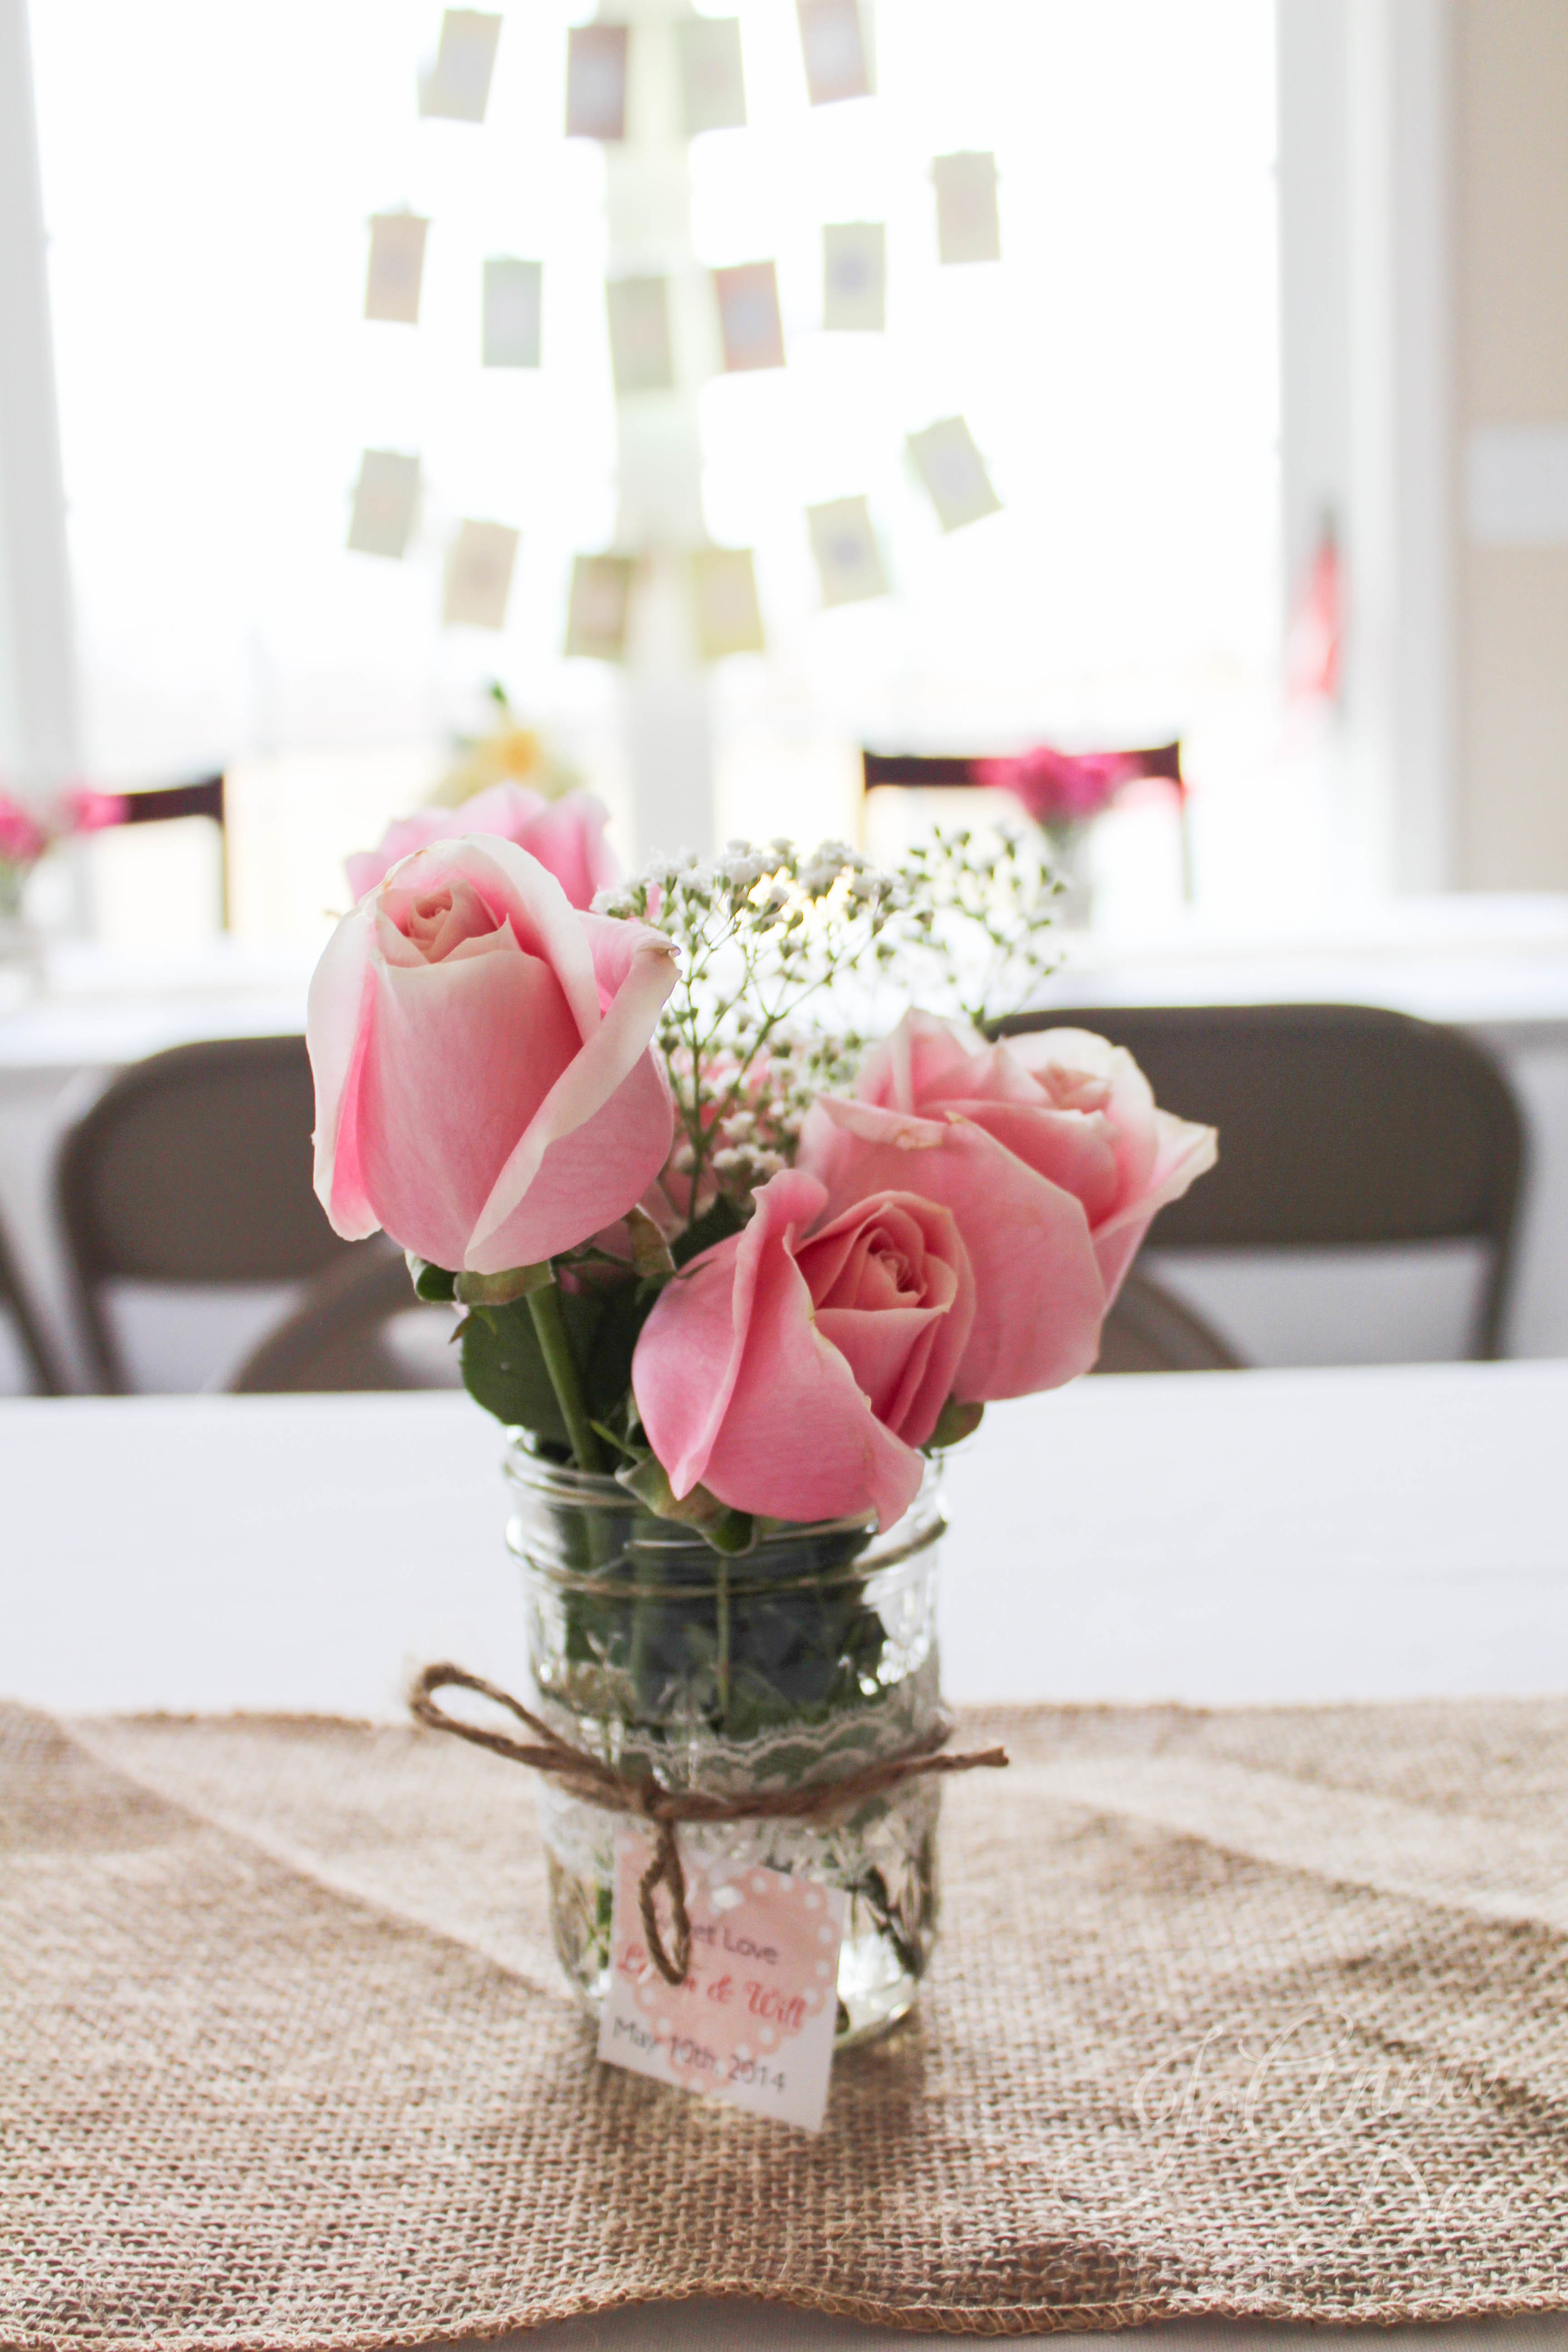 LK Bridal Shower Pink Roses (1 of 1).jpg